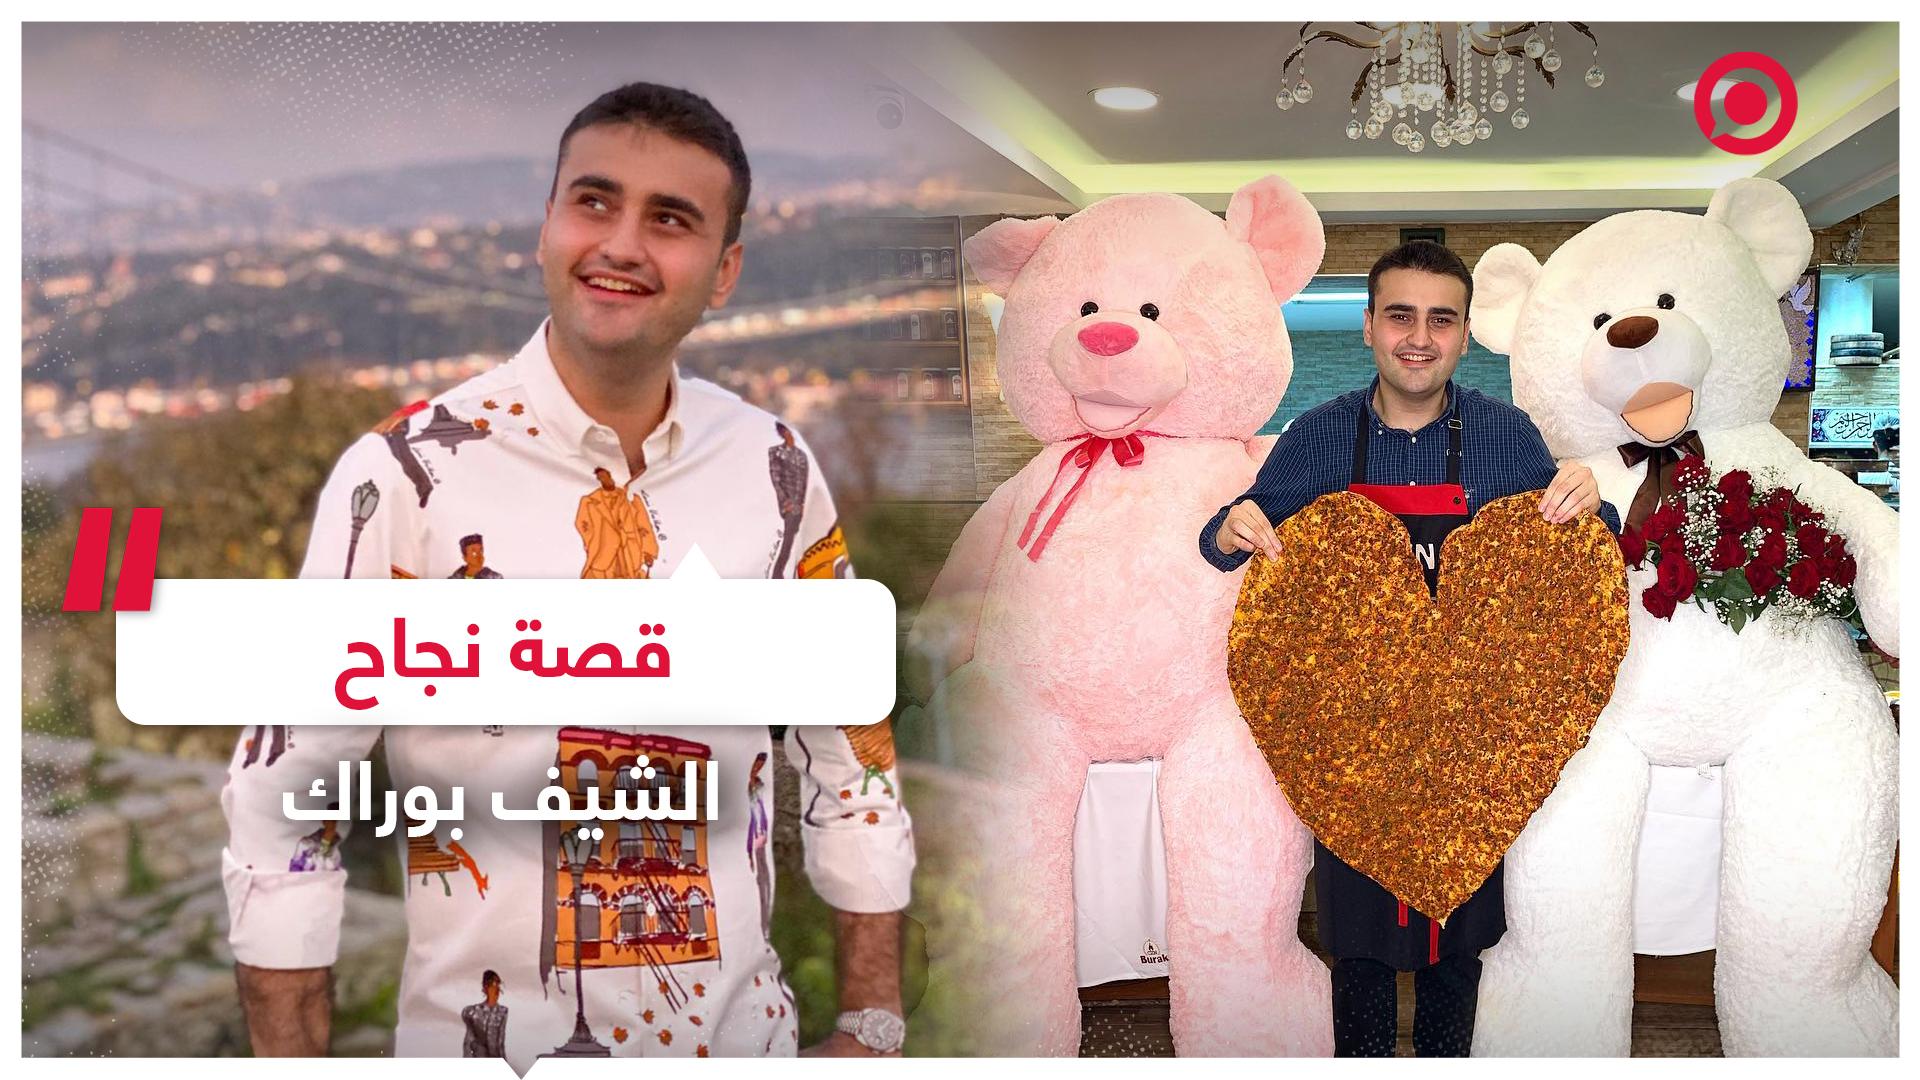 القصة الكامنة وراء نجاح أشهر طاه بالعالم.. الشيف بوراك!